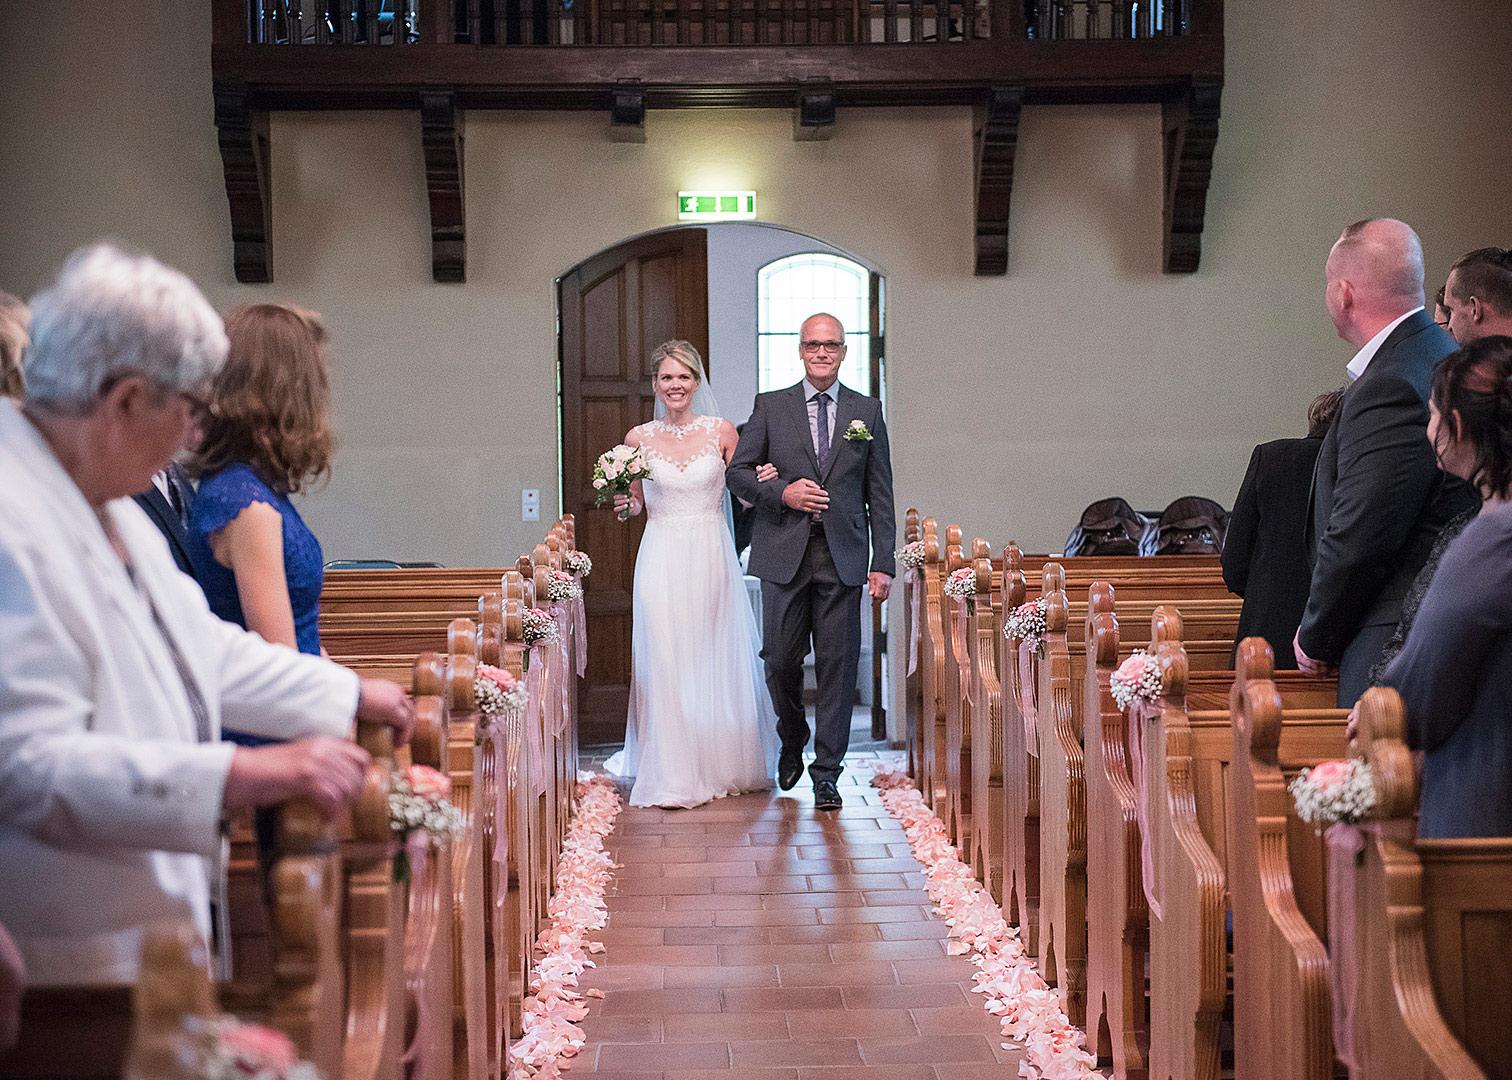 einzug in die kirch, hochzeit,kirchliche trauung, hochzeitsfotograf, hochzeitsfotos berlin